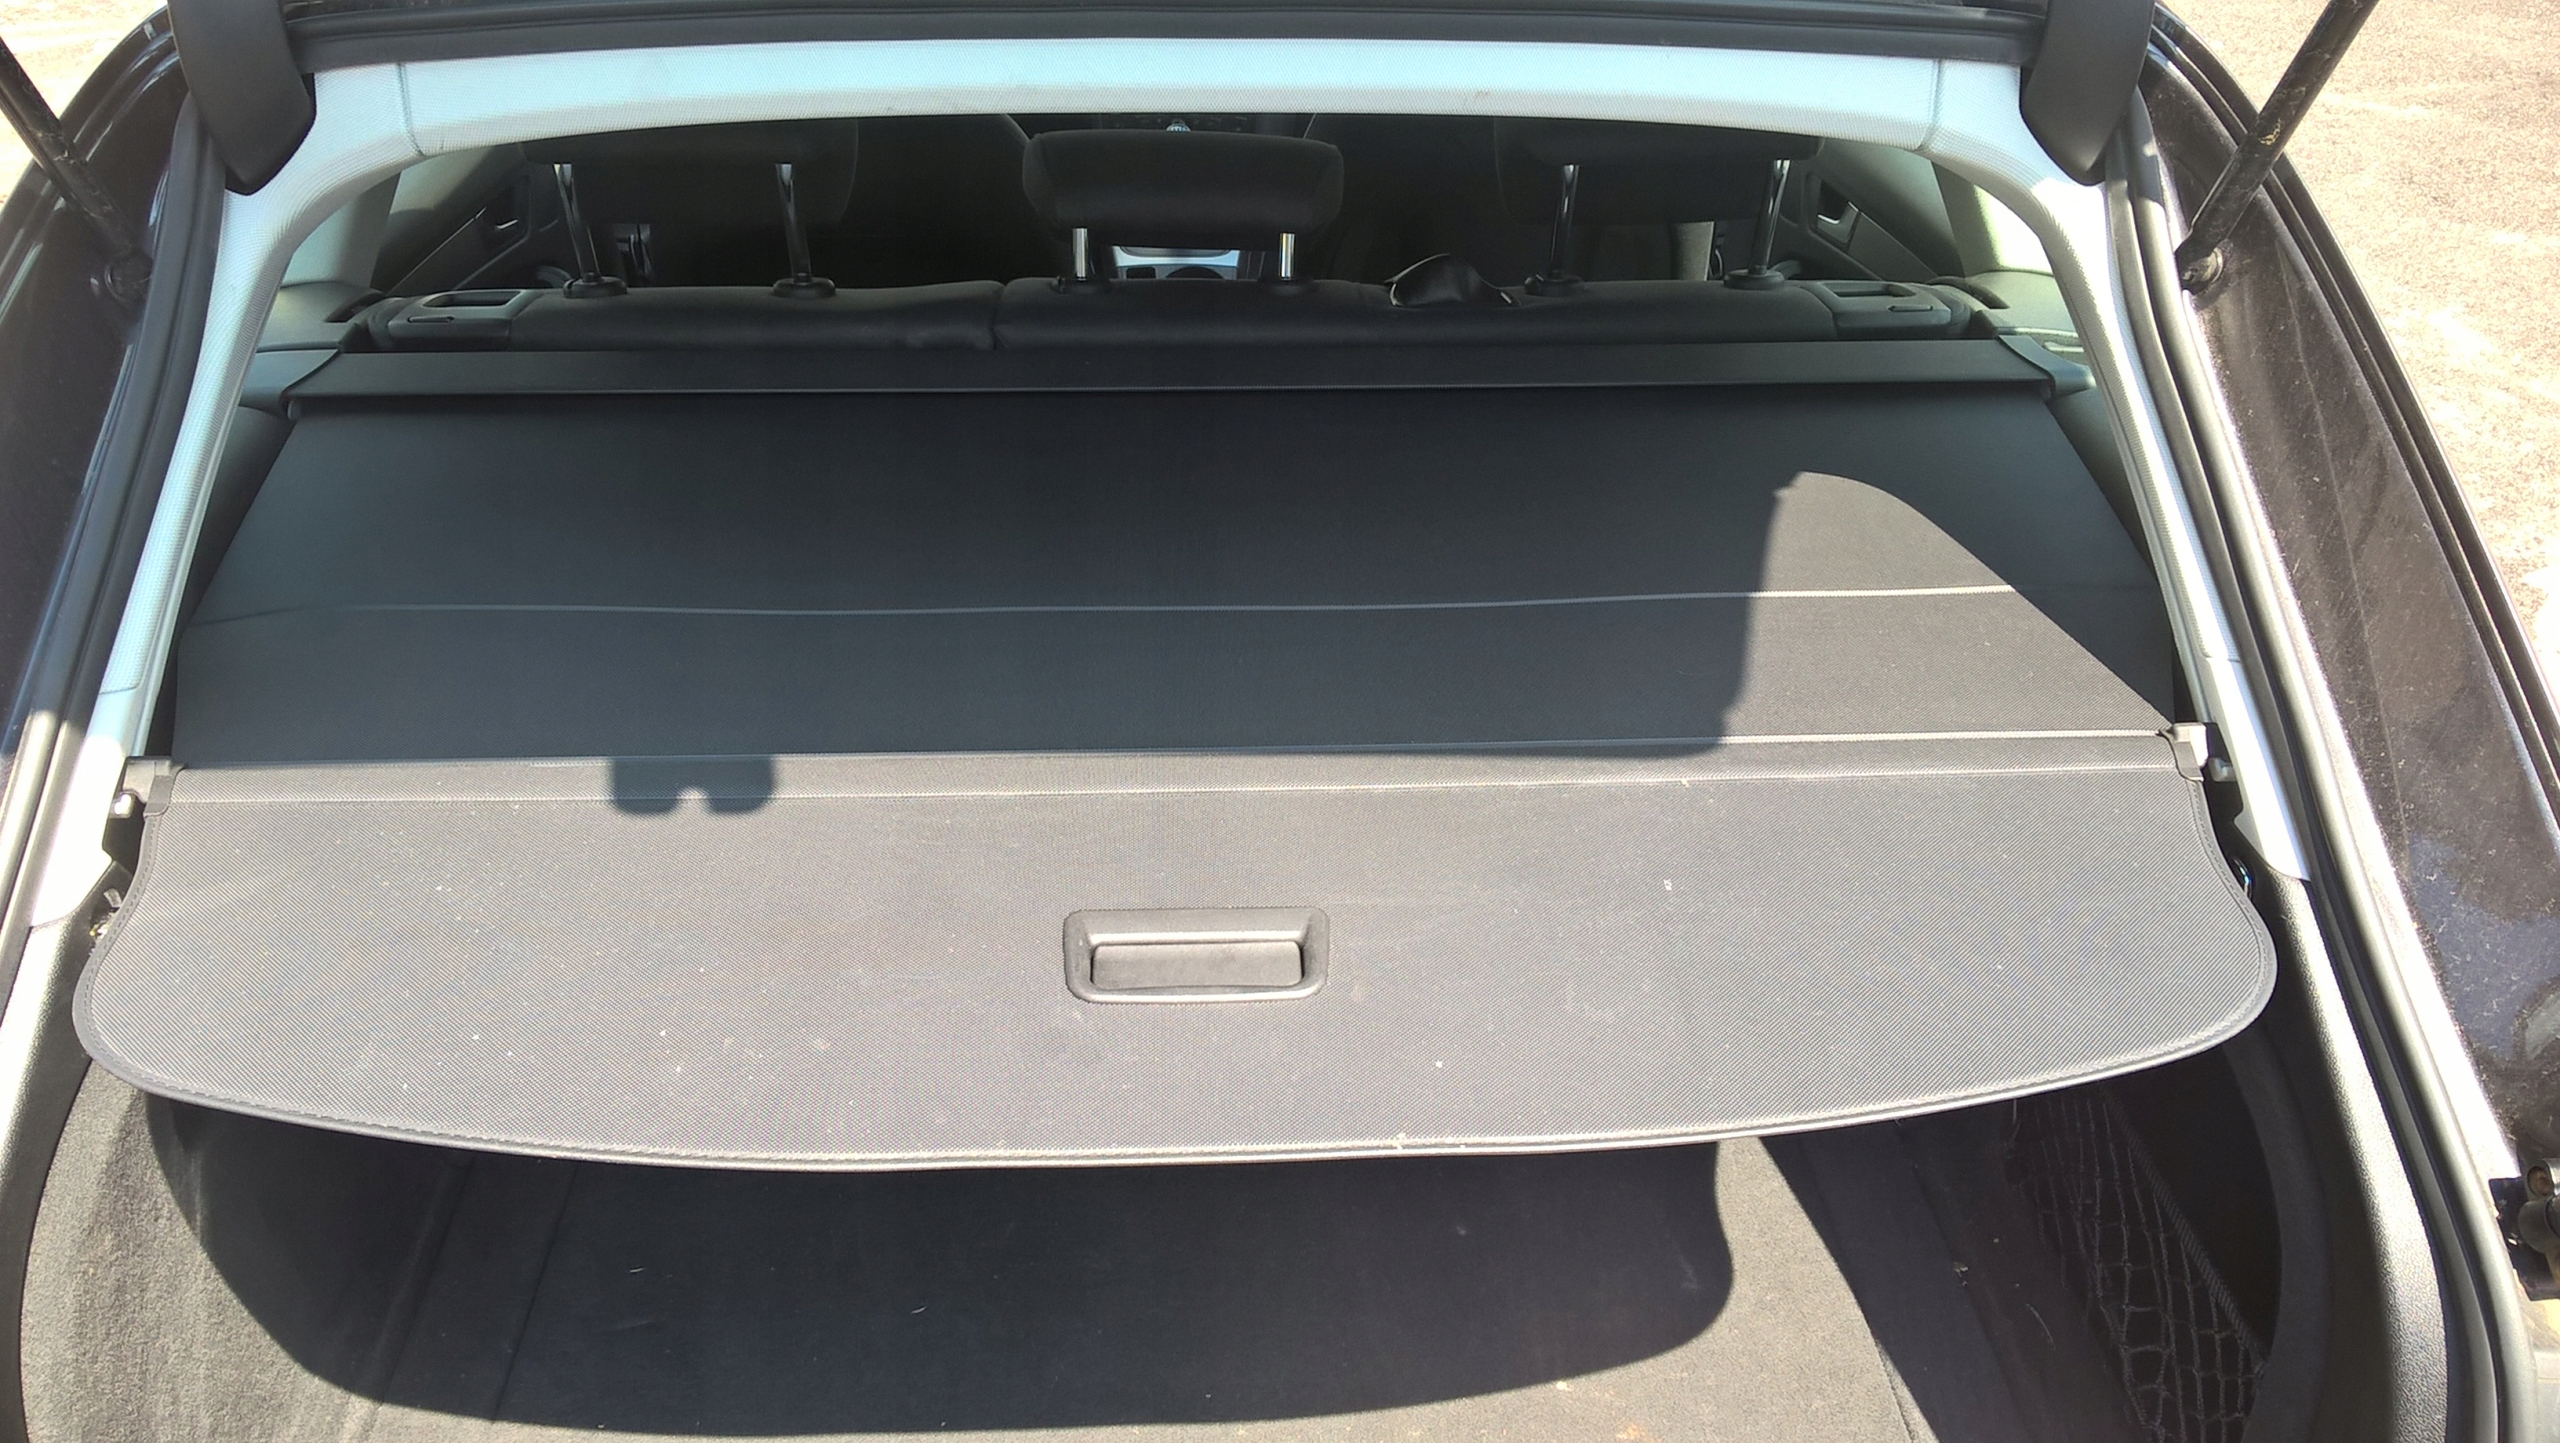 Roleta Bagażnika Audi A4 B8 Avant Kombi 08 11r Wwa 7517218420